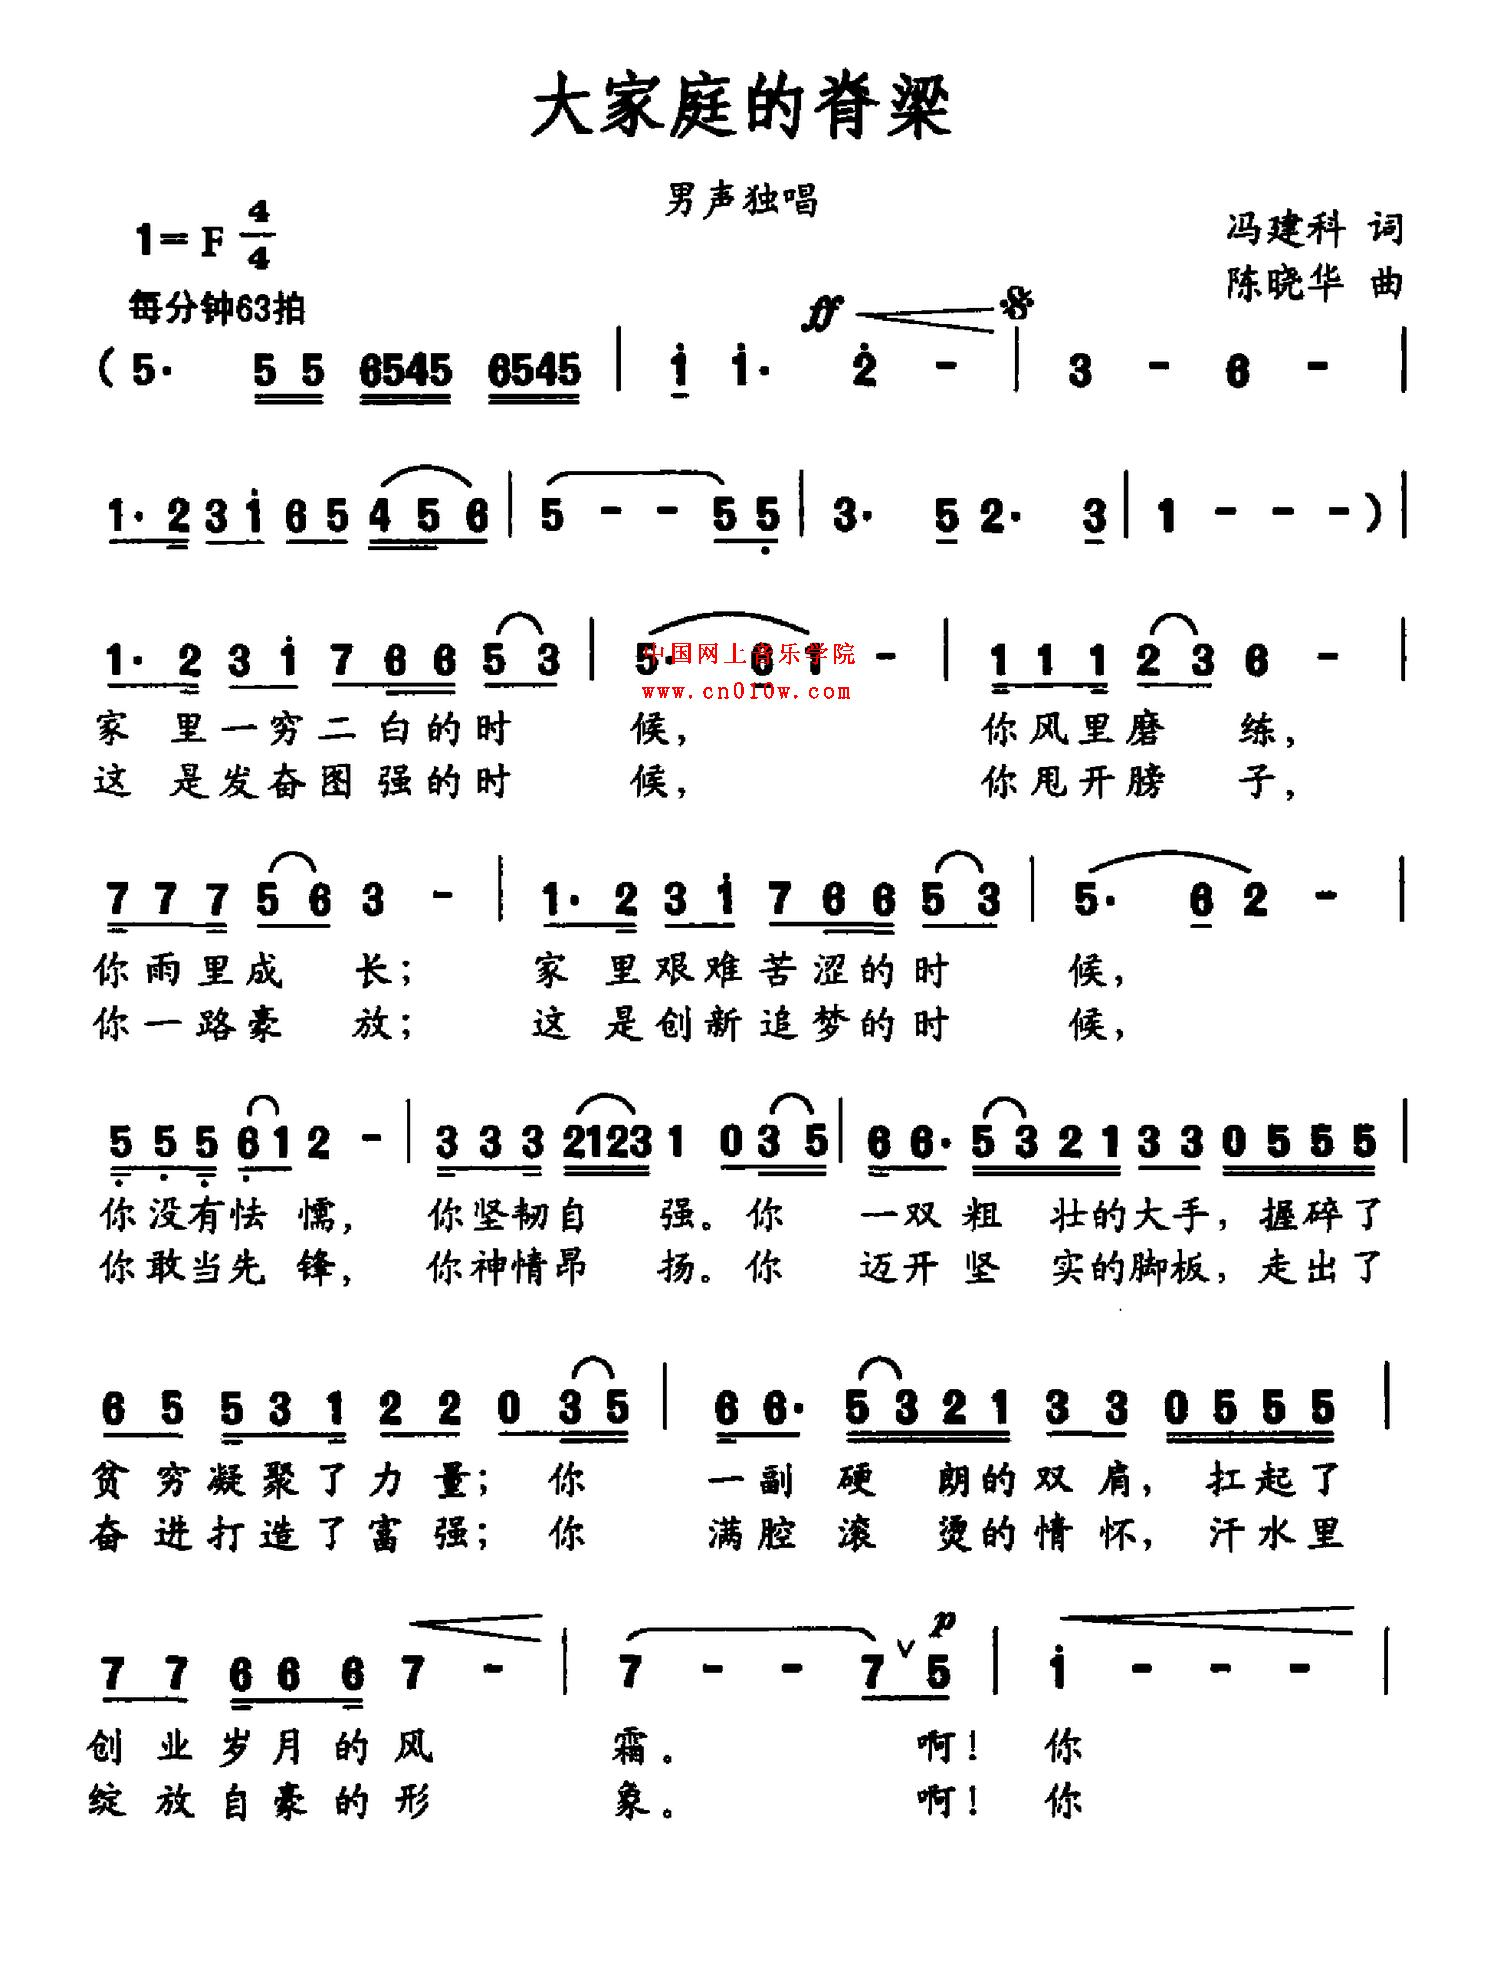 民歌曲谱_大家庭的脊梁01下载 简谱下载 五线谱下载 曲谱网 曲谱大全